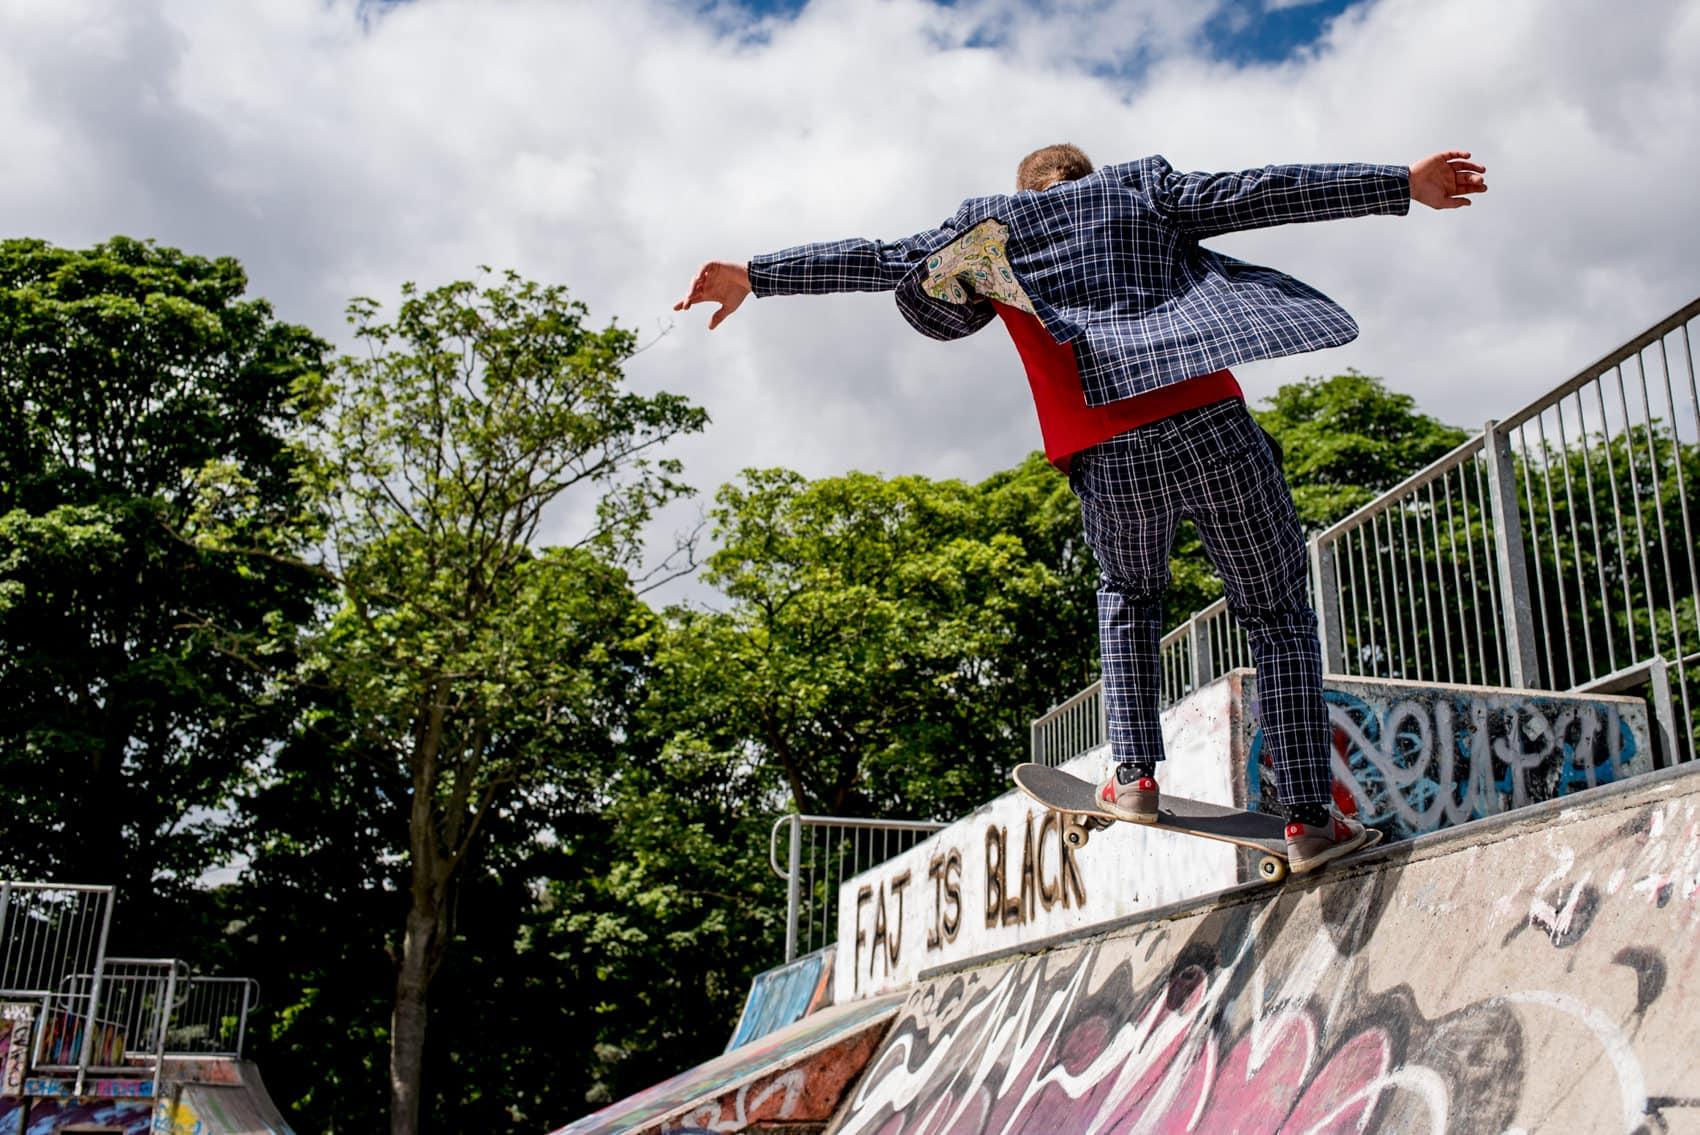 wedding guest skateboarding at Hyde Park skate park in Leeds